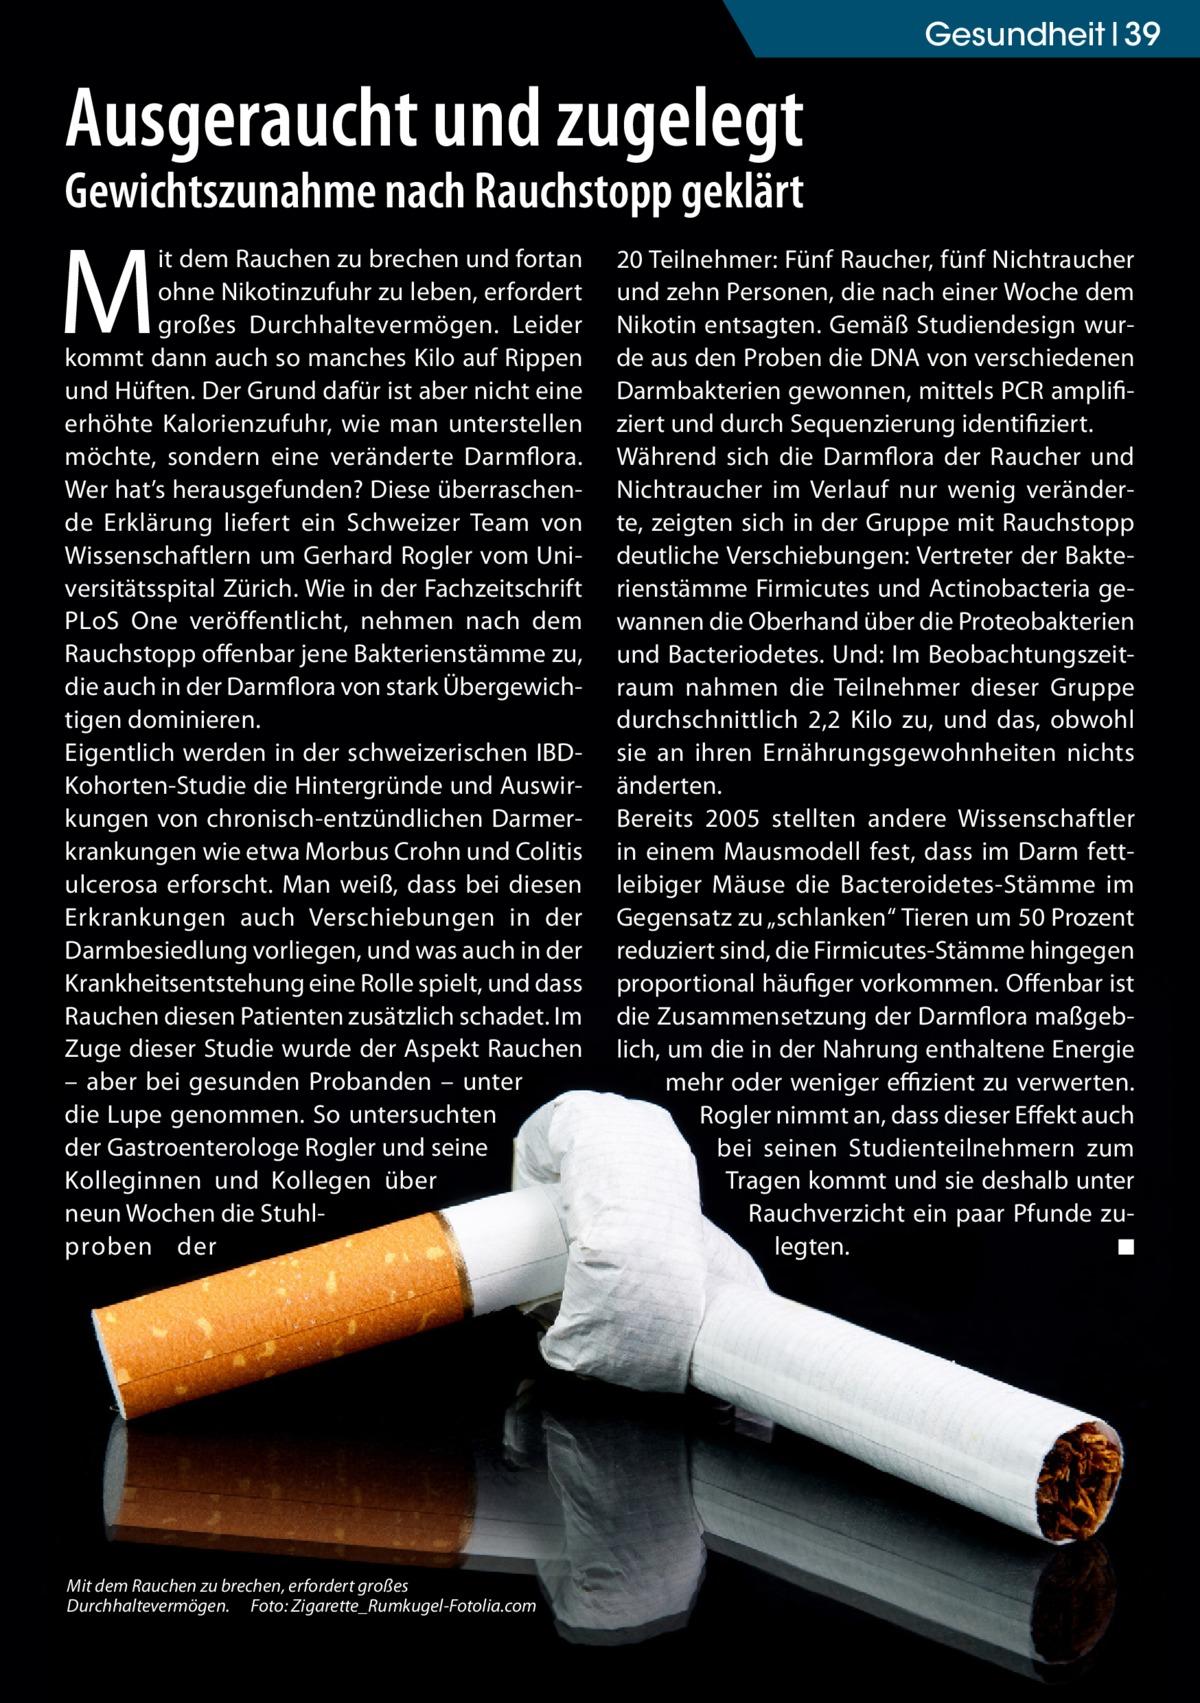 Gesundheit 39  Ausgeraucht und zugelegt Gewichtszunahme nach Rauchstopp geklärt  M  it dem Rauchen zu brechen und fortan ohne Nikotinzufuhr zu leben, erfordert großes Durchhaltevermögen. Leider kommt dann auch so manches Kilo auf Rippen und Hüften. Der Grund dafür ist aber nicht eine erhöhte Kalorienzufuhr, wie man unterstellen möchte, sondern eine veränderte Darmflora. Wer hat's herausgefunden? Diese überraschende Erklärung liefert ein Schweizer Team von Wissenschaftlern um Gerhard Rogler vom Universitätsspital Zürich. Wie in der Fachzeitschrift PLoS One veröffentlicht, nehmen nach dem Rauchstopp offenbar jene Bakterienstämme zu, die auch in der Darmflora von stark Übergewichtigen dominieren. Eigentlich werden in der schweizerischen IBDKohorten-Studie die Hintergründe und Auswirkungen von chronisch-entzündlichen Darmerkrankungen wie etwa Morbus Crohn und Colitis ulcerosa erforscht. Man weiß, dass bei diesen Erkrankungen auch Verschiebungen in der Darmbesiedlung vorliegen, und was auch in der Krankheitsentstehung eine Rolle spielt, und dass Rauchen diesen Patienten zusätzlich schadet. Im Zuge dieser Studie wurde der Aspekt Rauchen – aber bei gesunden Probanden – unter die Lupe genommen. So untersuchten der Gastroenterologe Rogler und seine Kolleginnen und Kollegen über neun Wochen die Stuhlproben der  Mit dem Rauchen zu brechen, erfordert großes Durchhaltevermögen.� Foto: Zigarette_Rumkugel-Fotolia.com  20Teilnehmer: Fünf Raucher, fünf Nichtraucher und zehn Personen, die nach einer Woche dem Nikotin entsagten. Gemäß Studiendesign wurde aus den Proben die DNA von verschiedenen Darmbakterien gewonnen, mittels PCR amplifiziert und durch Sequenzierung identifiziert. Während sich die Darmflora der Raucher und Nichtraucher im Verlauf nur wenig veränderte, zeigten sich in der Gruppe mit Rauchstopp deutliche Verschiebungen: Vertreter der Bakterienstämme Firmicutes und Actinobacteria gewannen die Oberhand über die Proteobakterien und Bacteriodetes. Und: Im Beobachtungszeitra